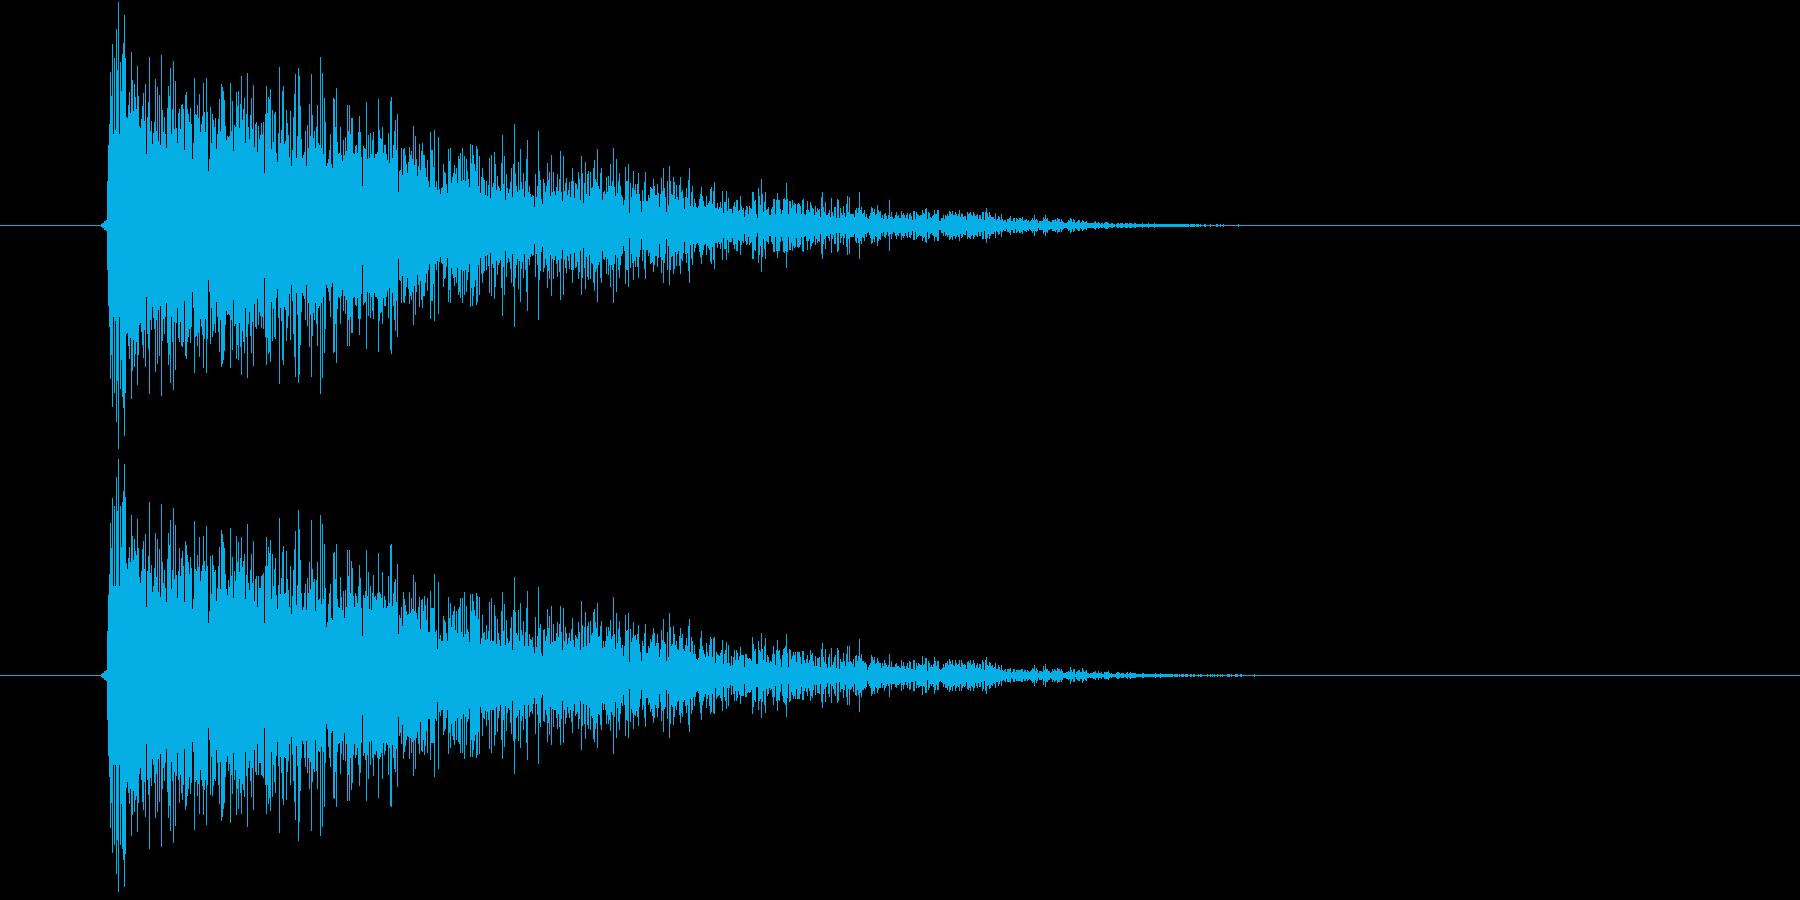 ジャーン(オーケストラのような決定音)の再生済みの波形